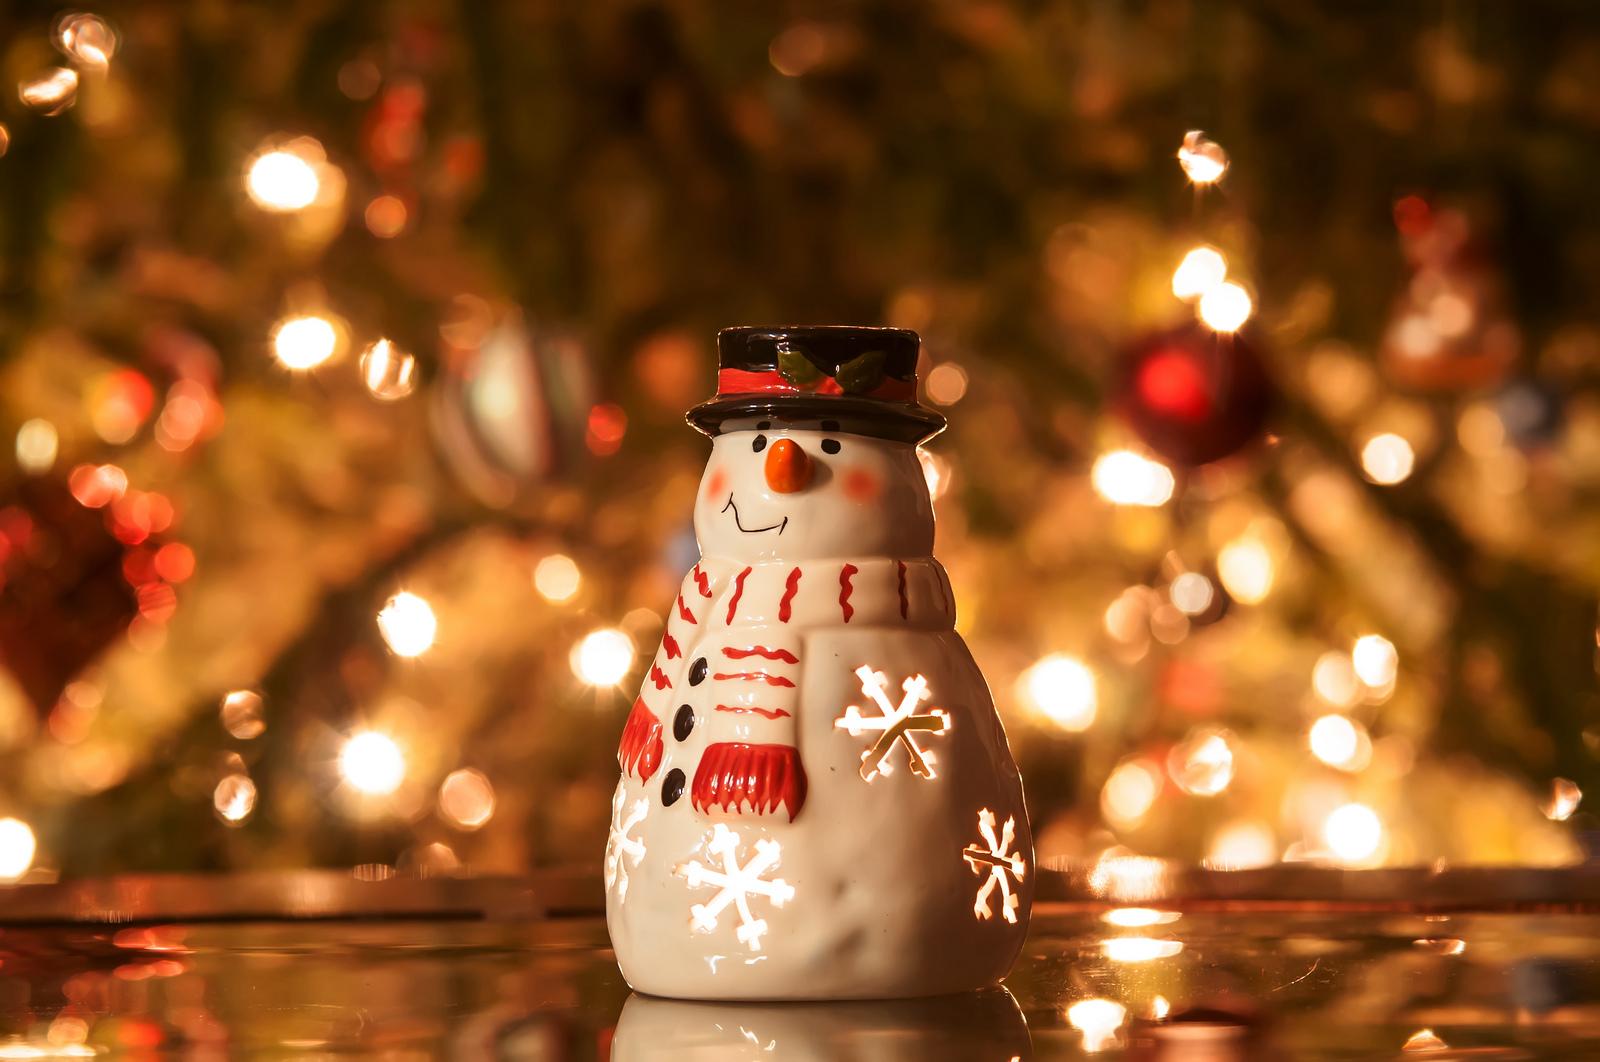 Il tempo dell'attesa, il mio nuovo modo di vivere il Natale